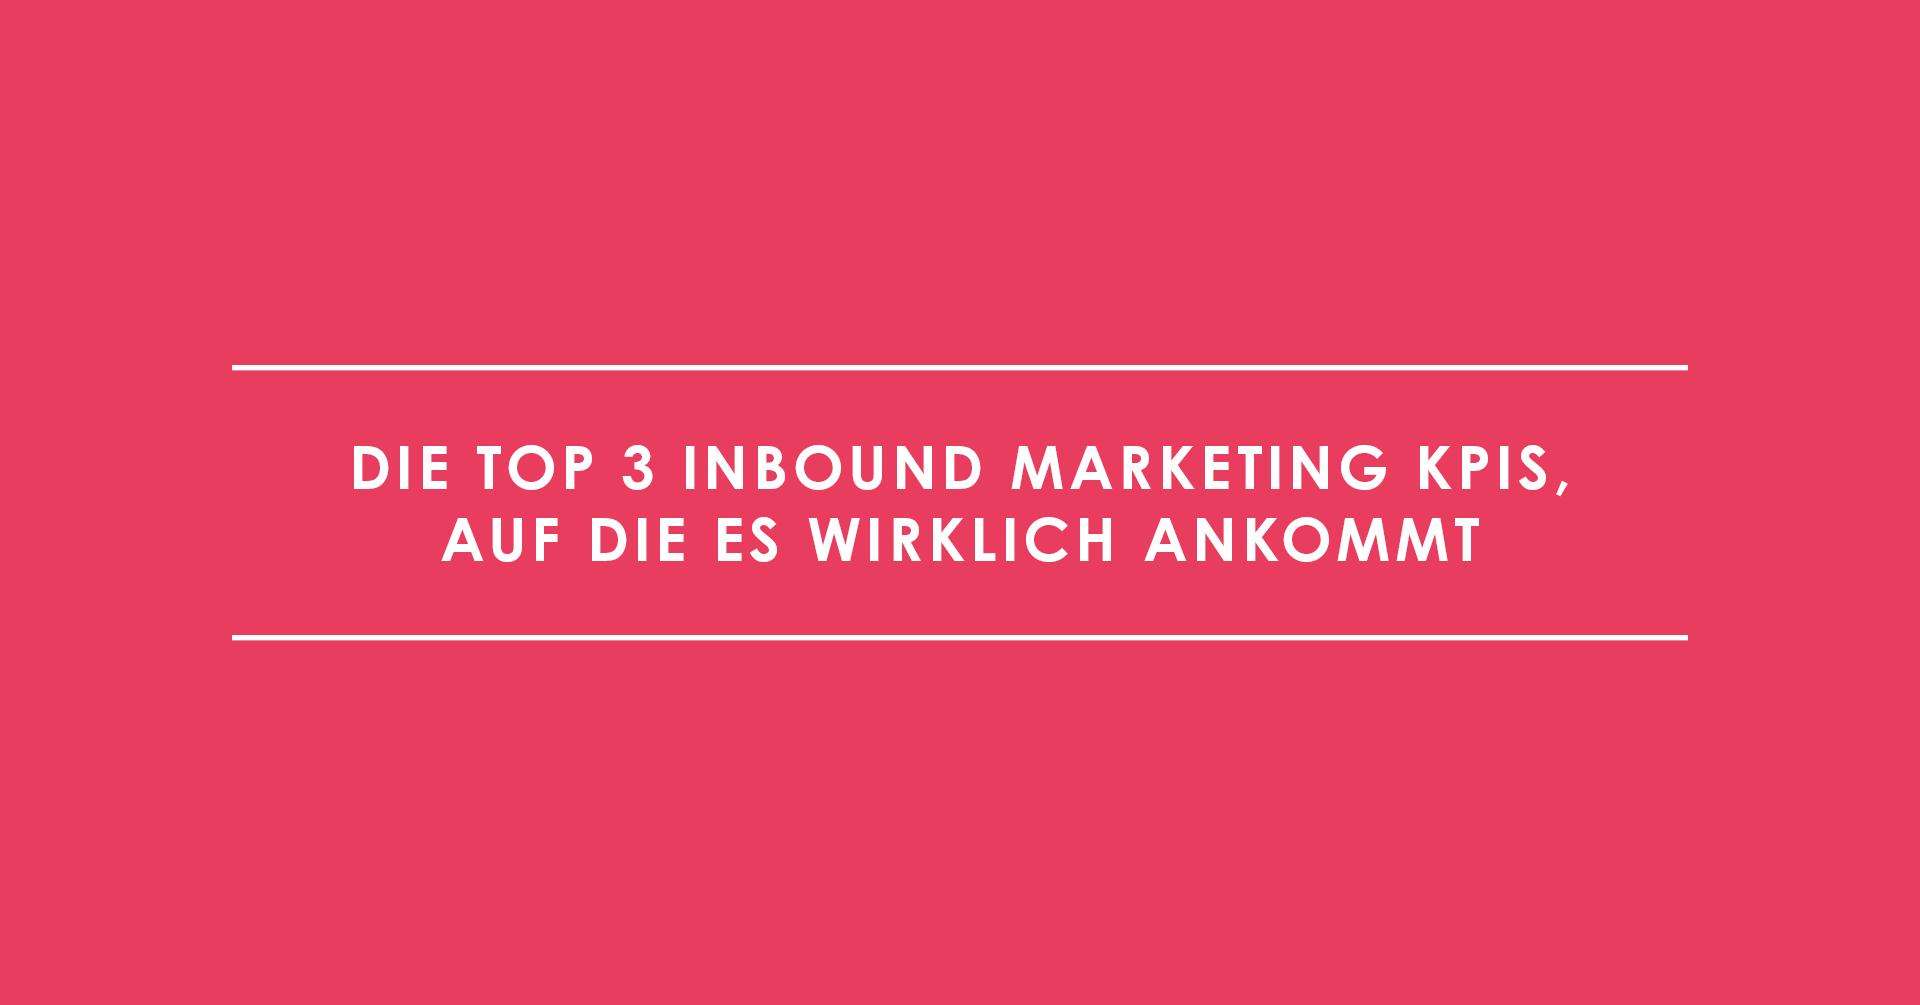 Die Top 3 Inbound Marketing KPIs, auf die es wirklich ankommt